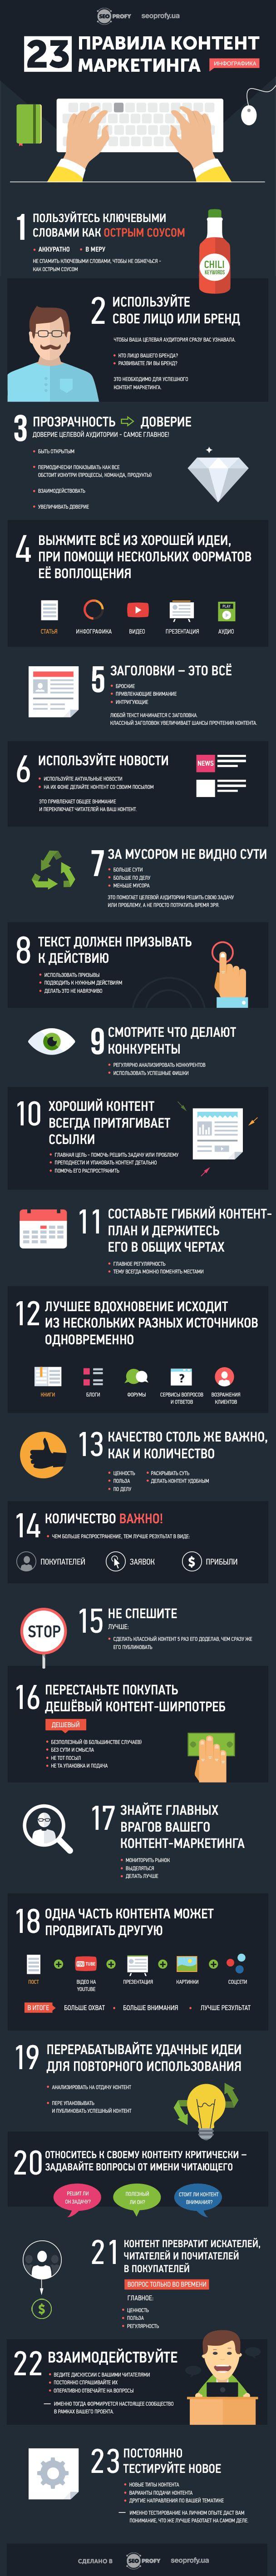 23 правила контент маркетинга